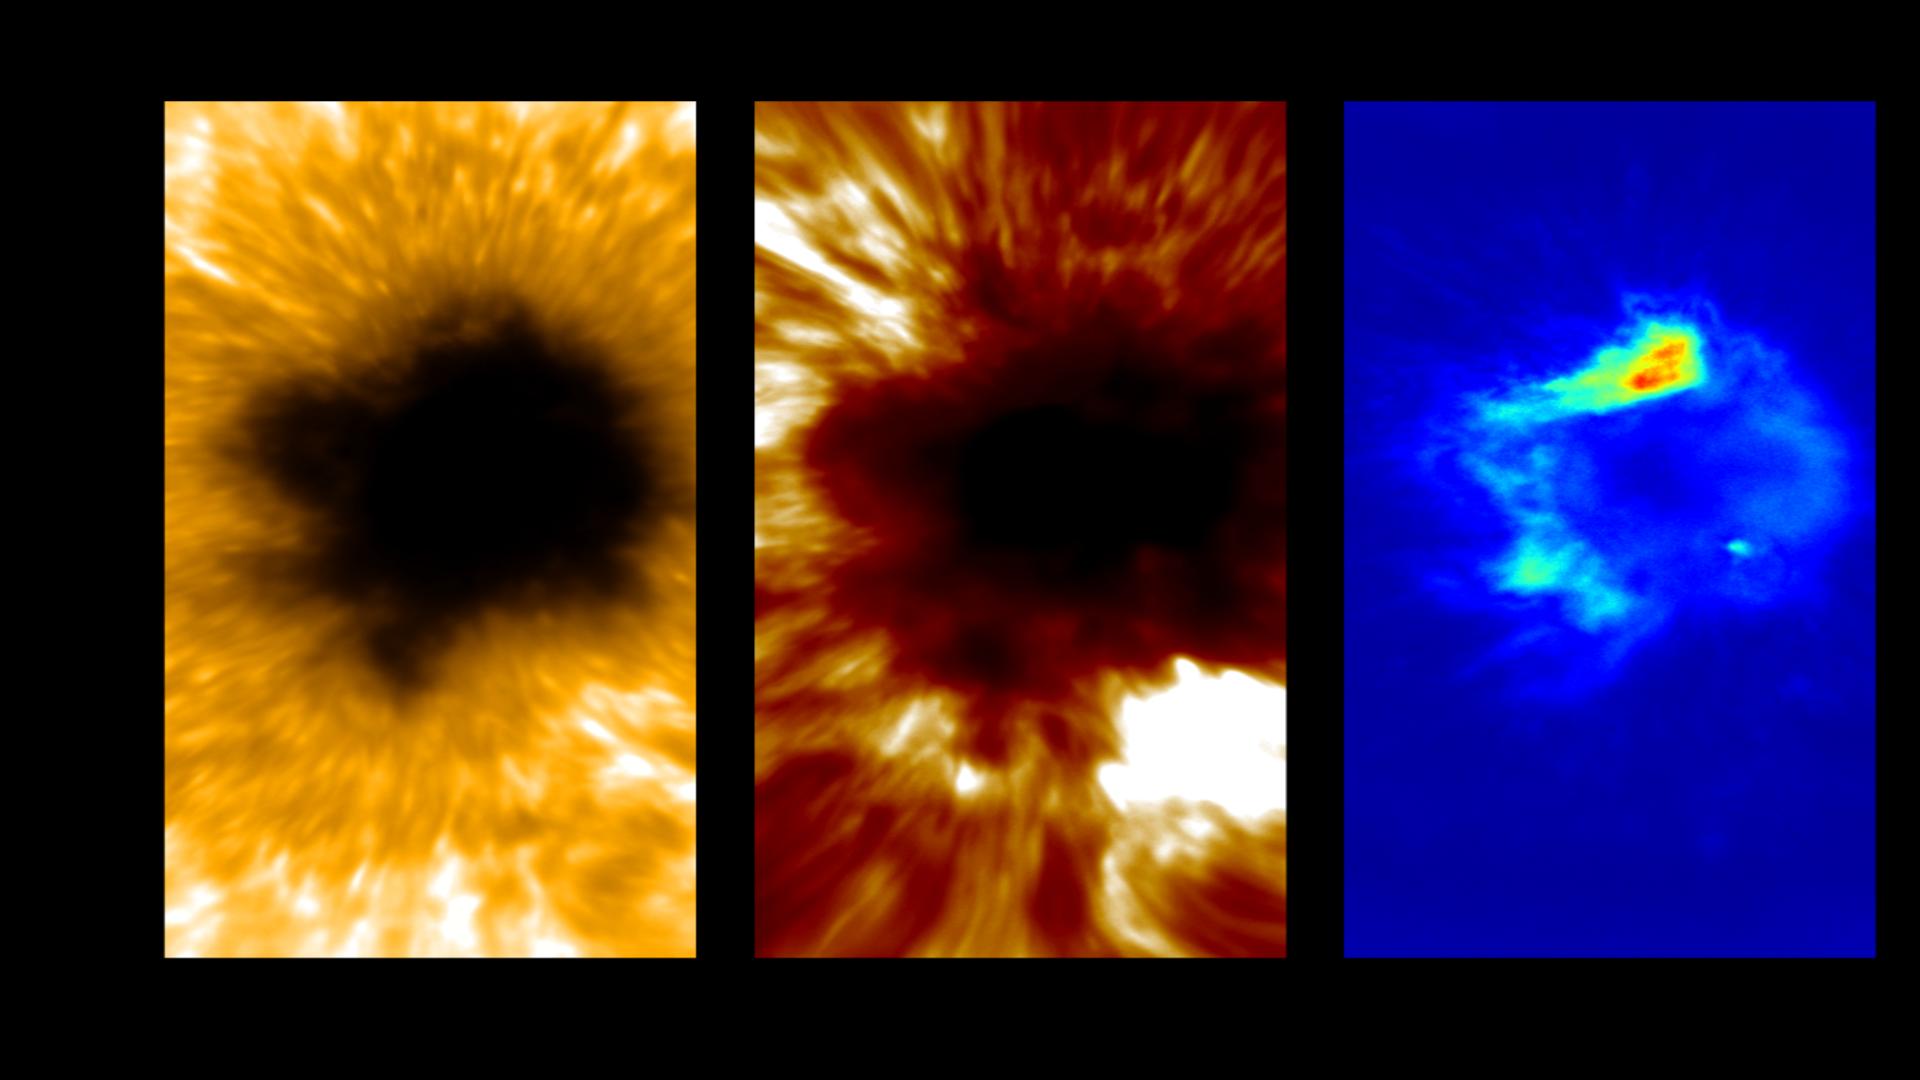 ASI - Scoperta la variazione chimica tra la fotosfera solare e la sua corona